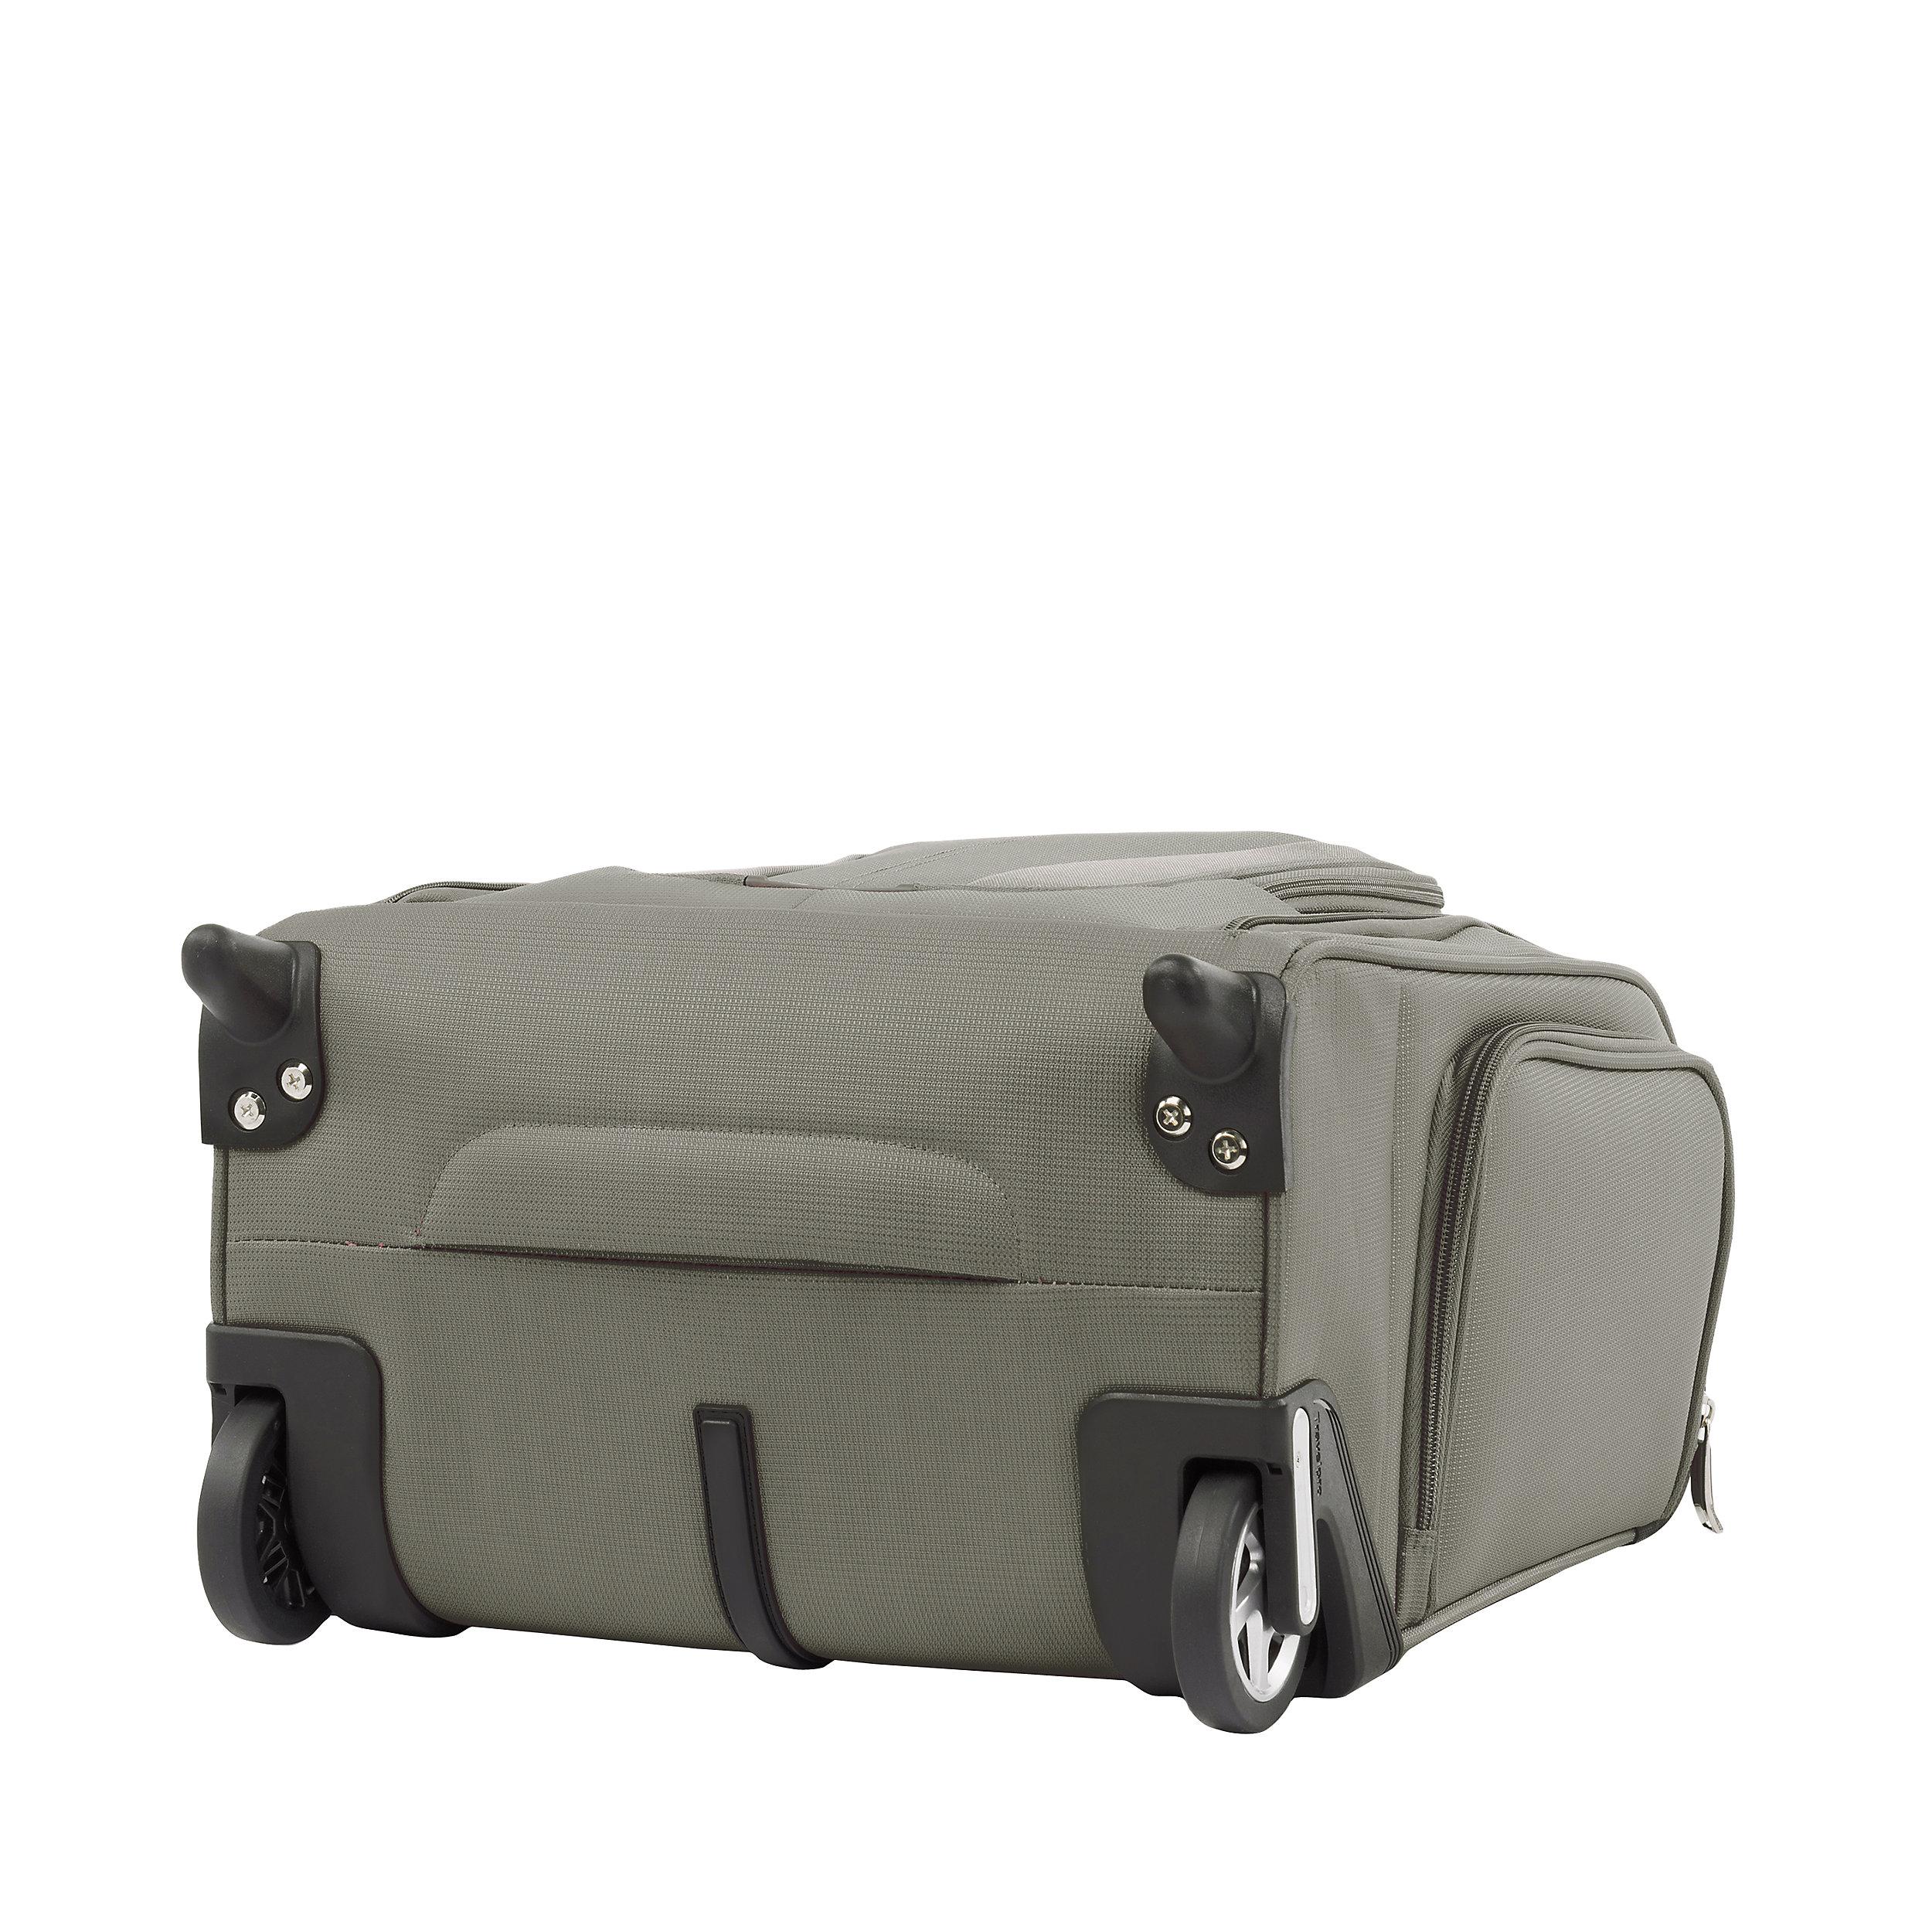 Handgepäcktrolley mit 2 Rollen Underseat 44 cm Maxlite 5 Extra Small 26 Liter